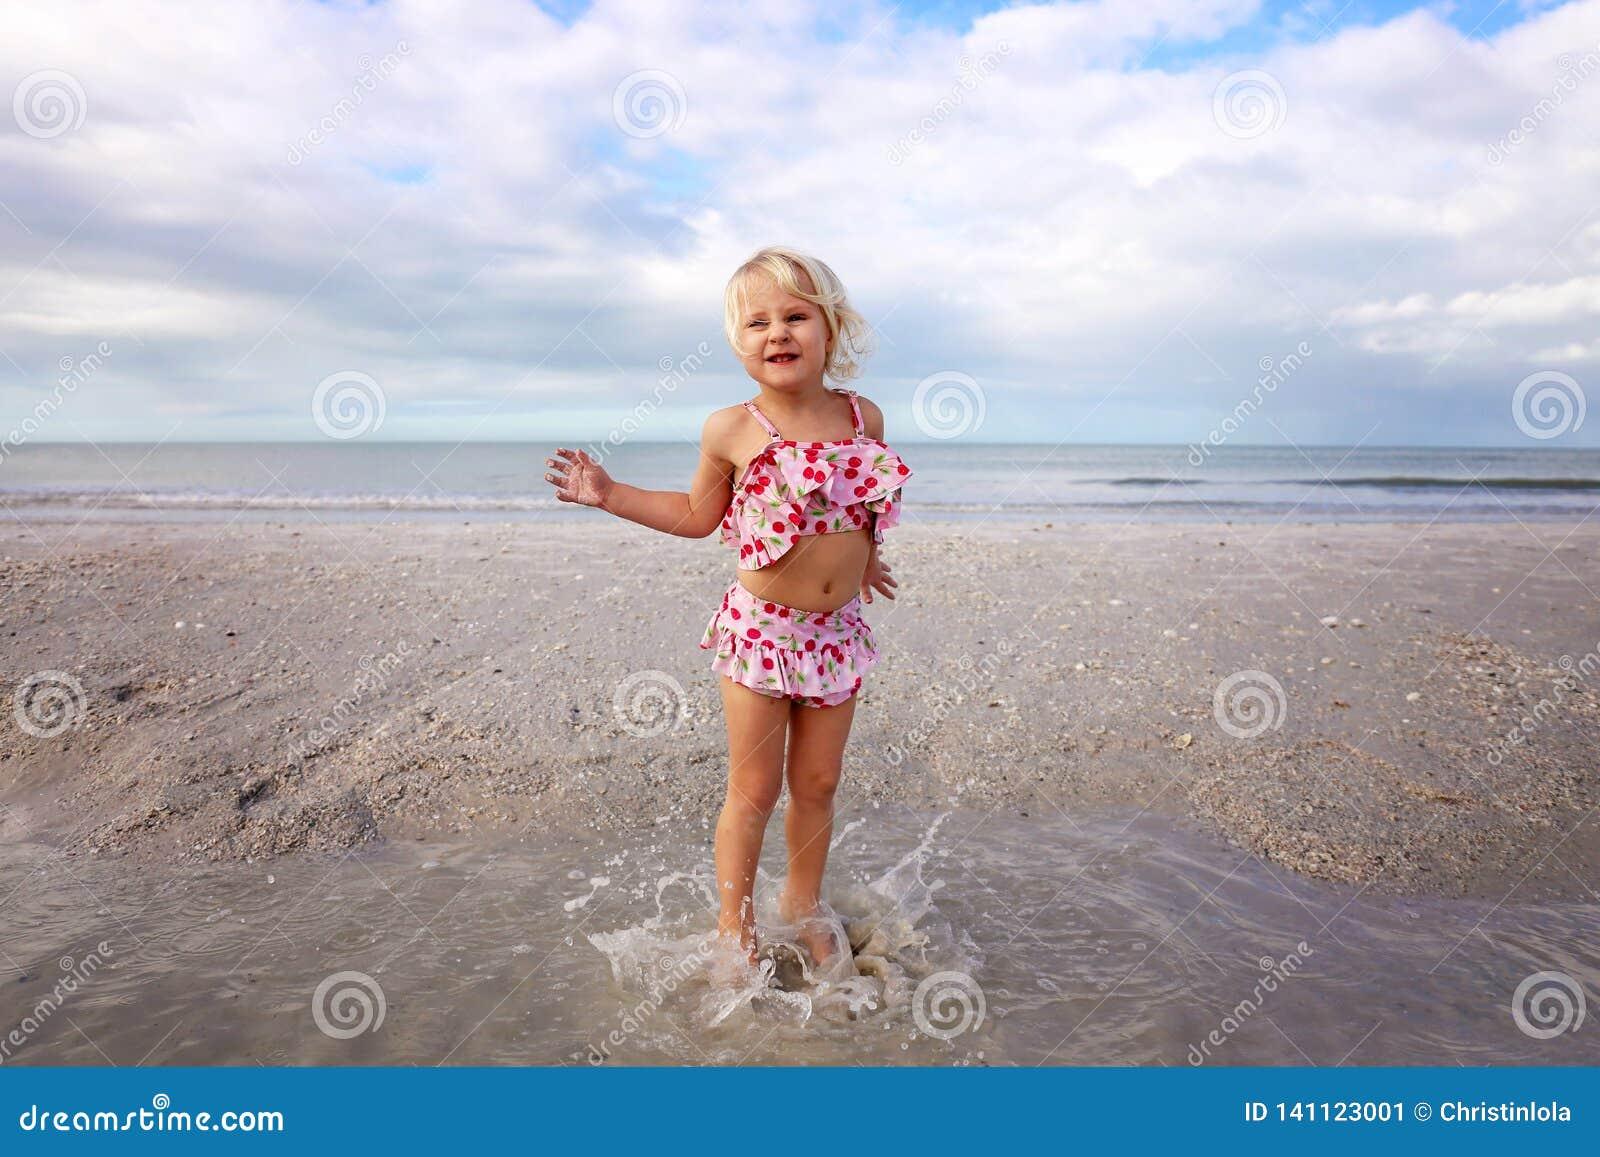 Nettes kleines Kind, das im Wasser auf dem Strand durch den Ozean spritzt und spielt